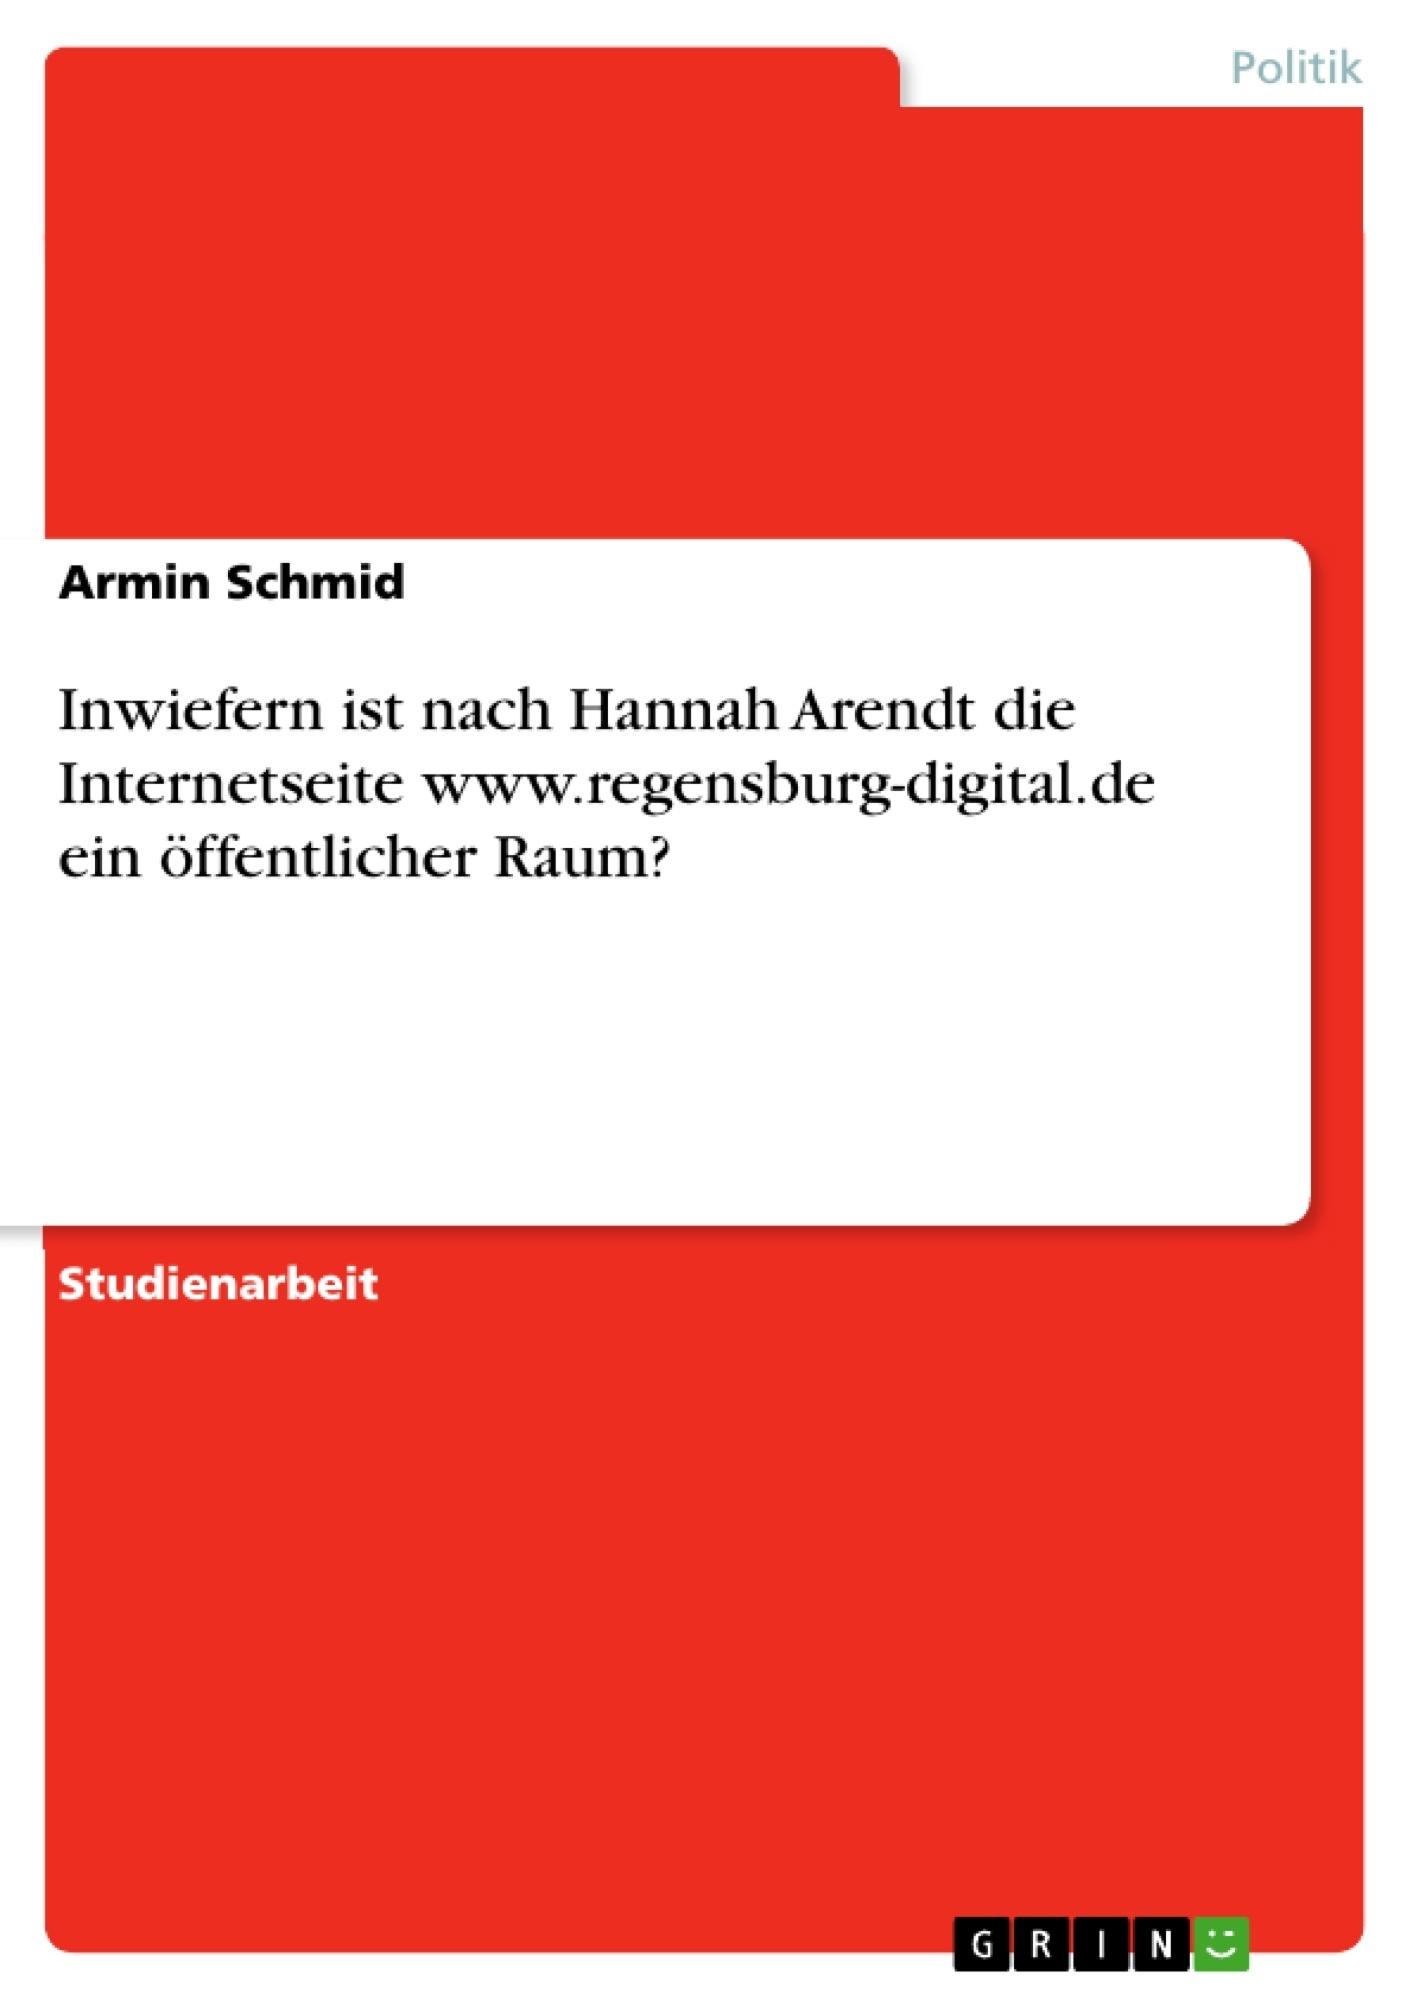 Titel: Inwiefern ist nach Hannah Arendt die Internetseite www.regensburg-digital.de ein öffentlicher Raum?